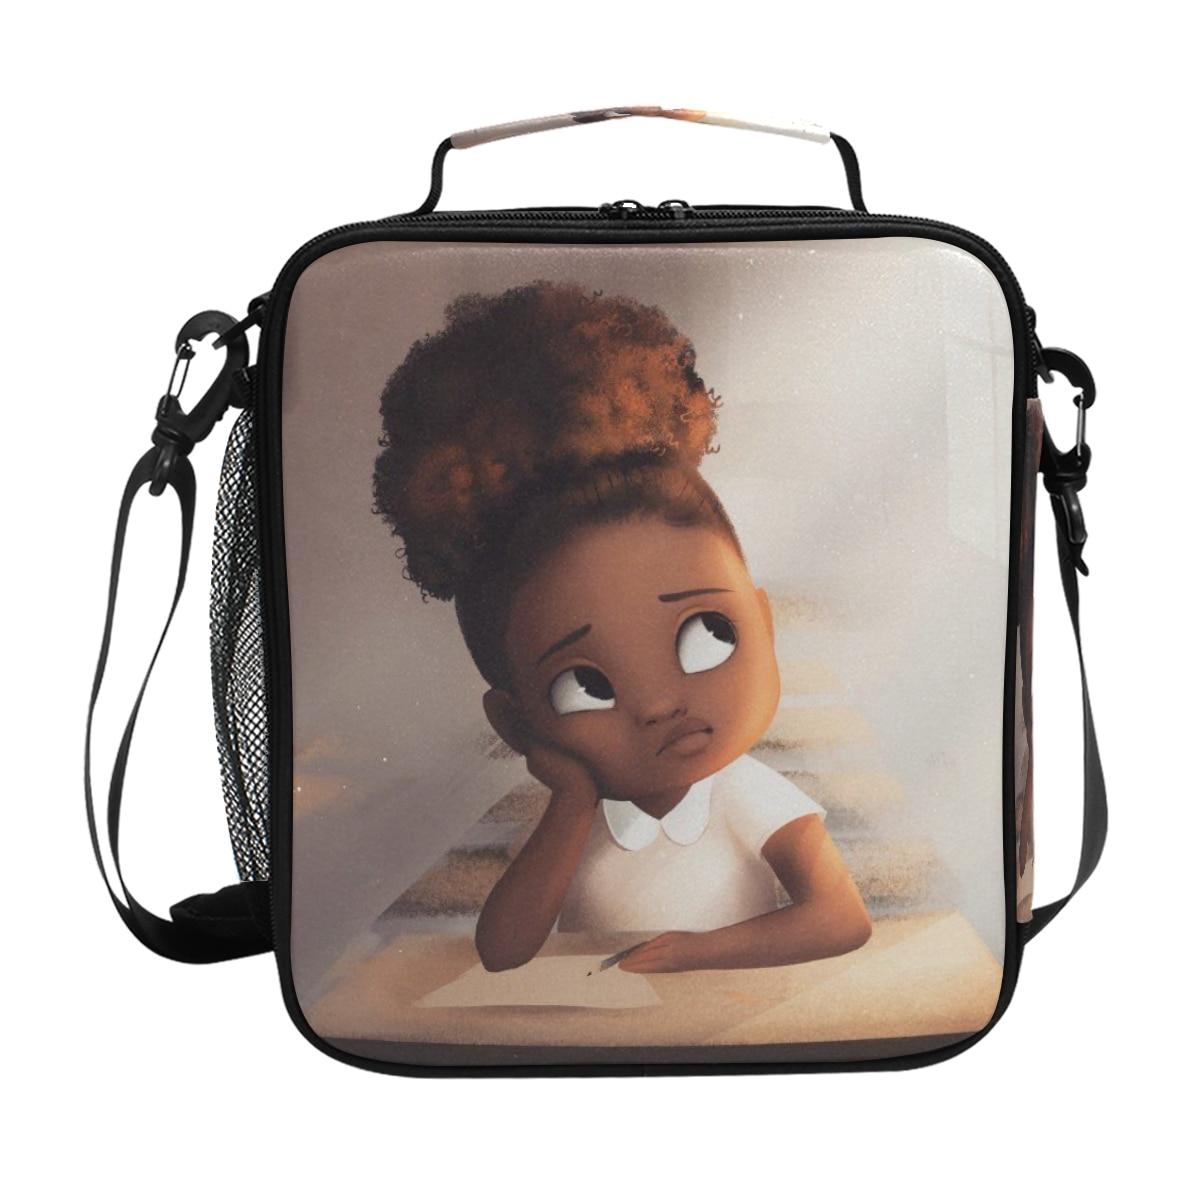 dos desenhos animados meninas sacos de piquenique